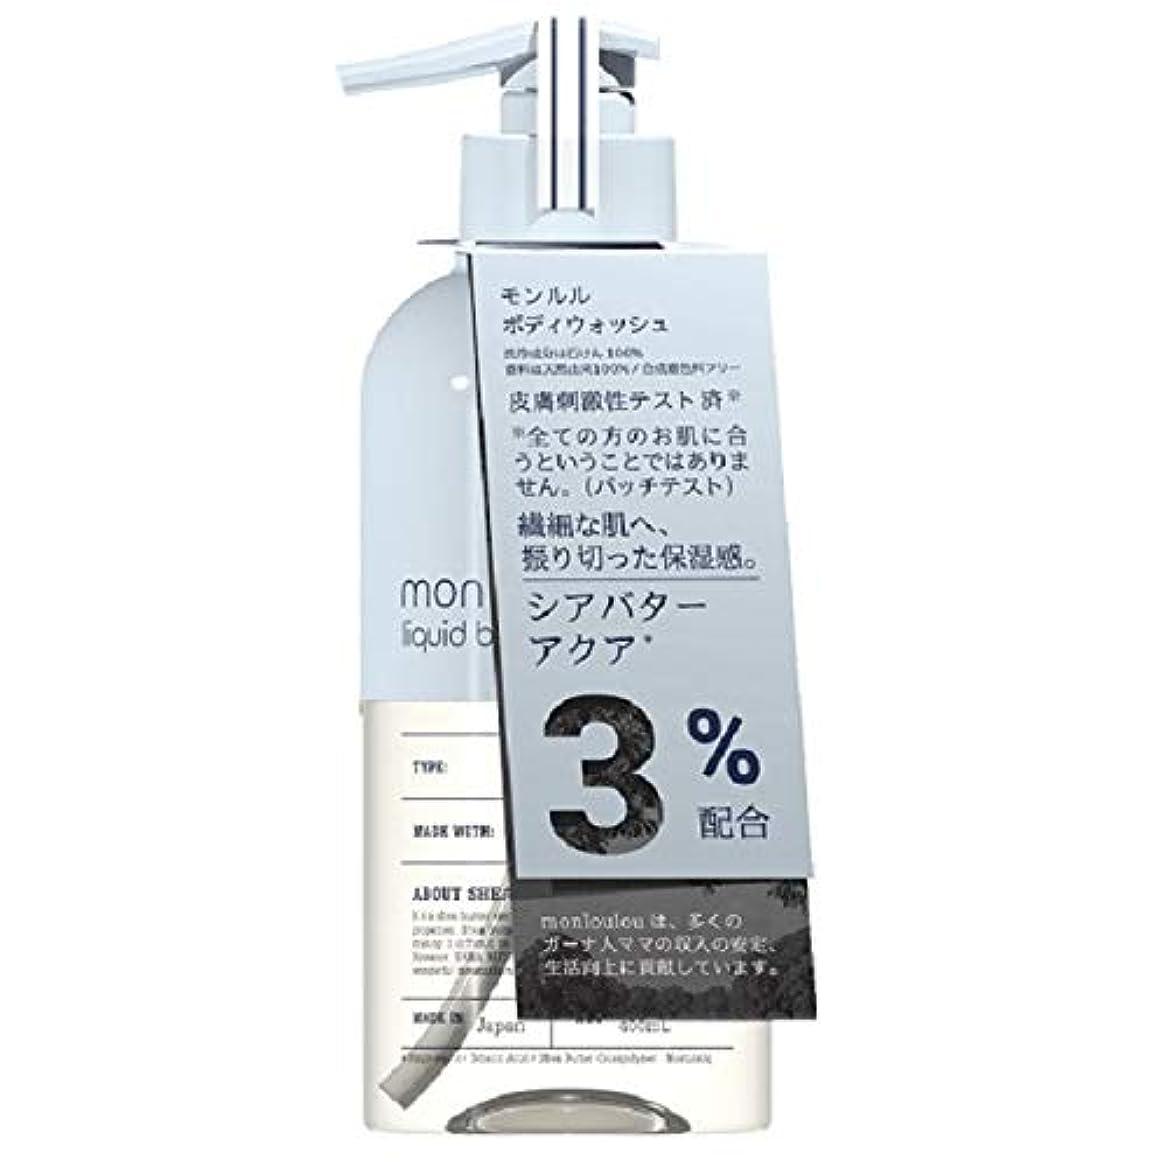 北西硫黄トイレモンルル3% ボディウォッシュ 400mL